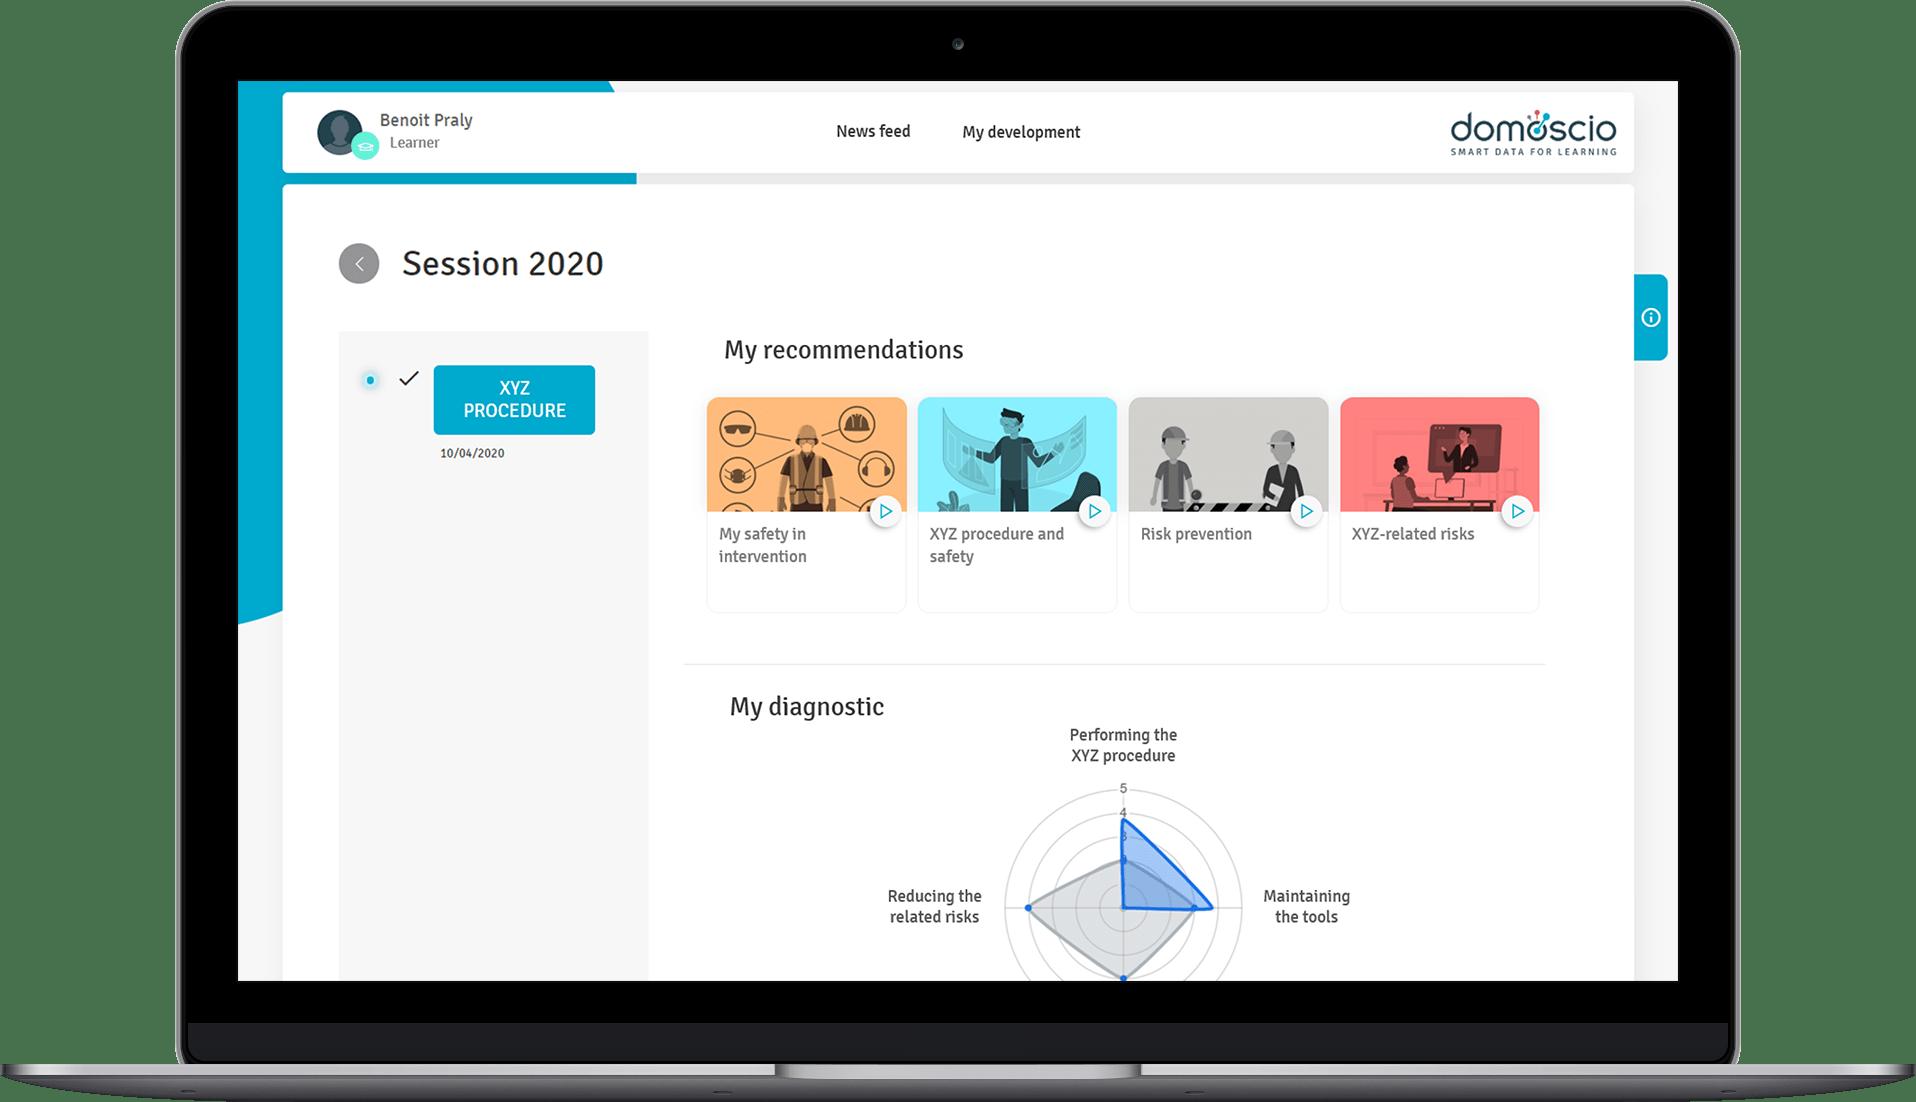 A screenshot of the learner's dashboard